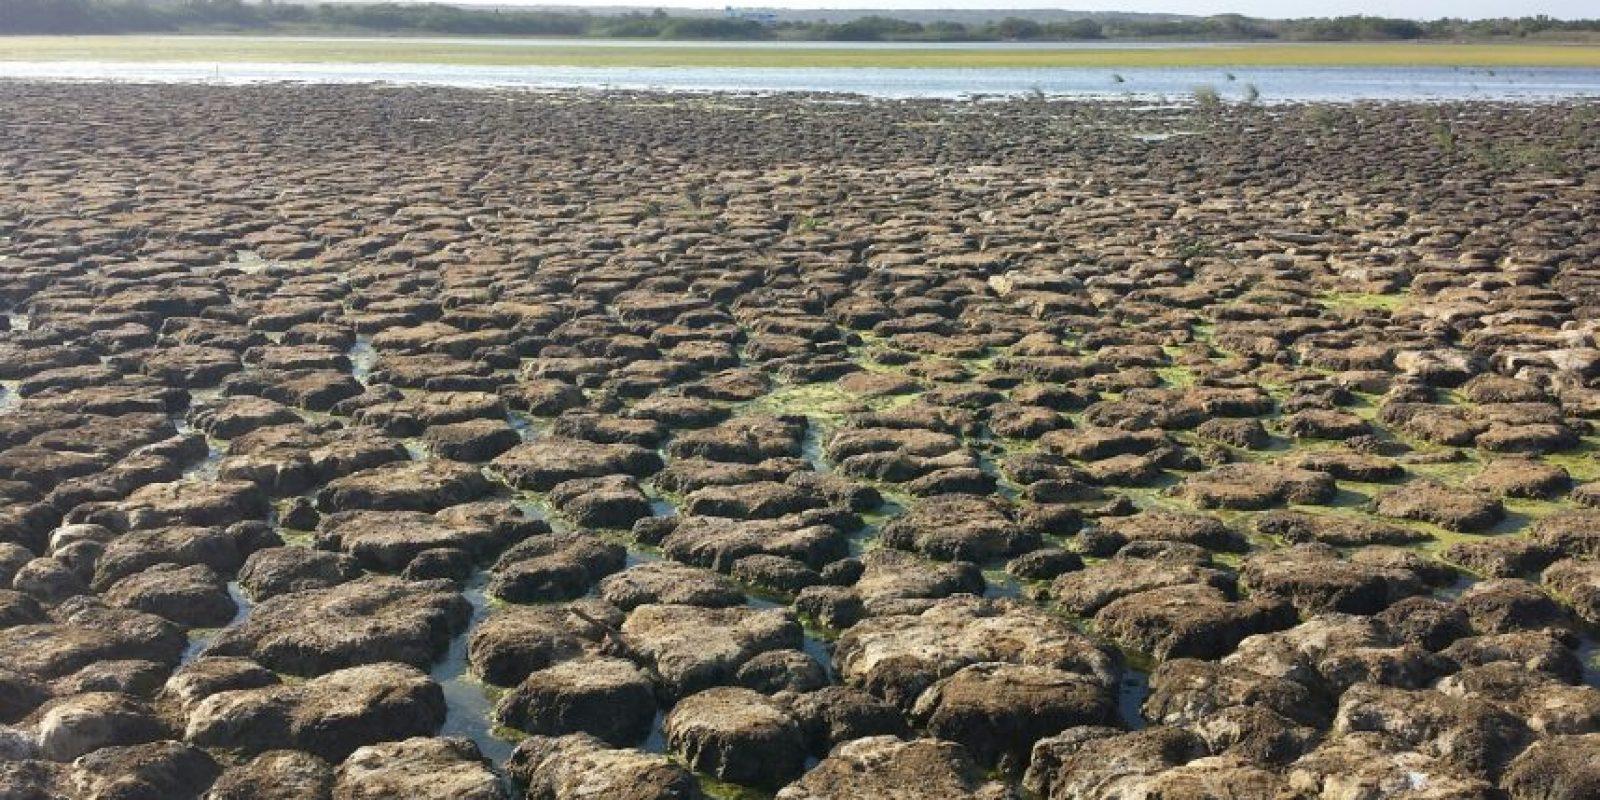 El agua con que se ha llenado el lago ha creado canales sobre la tierra erosionada. Foto:Lina Robles